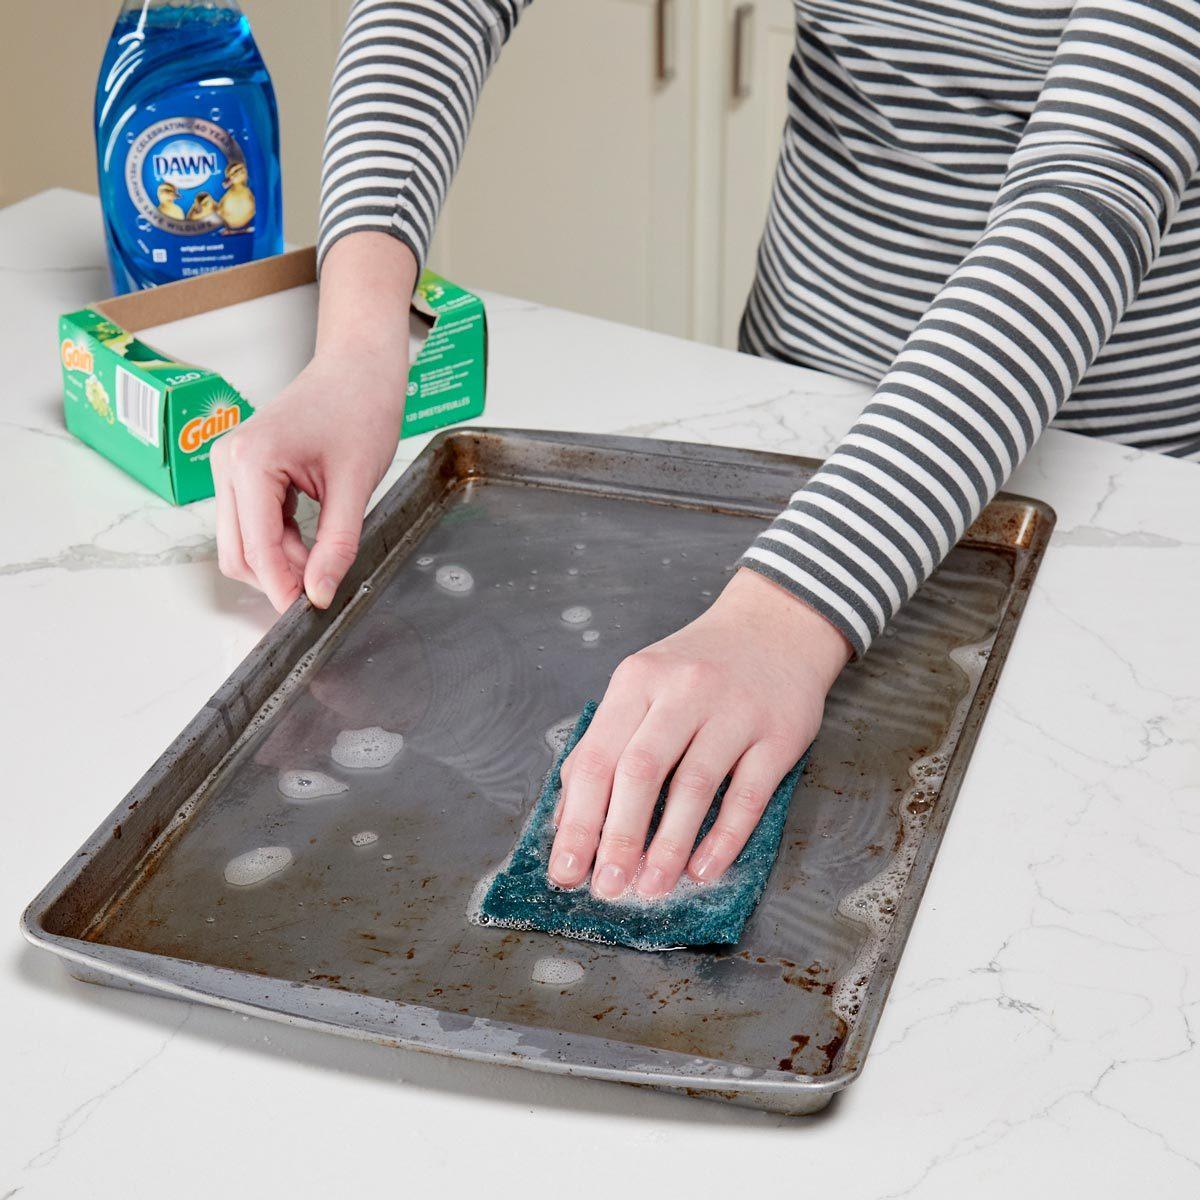 HH Scrub burnt pan clean